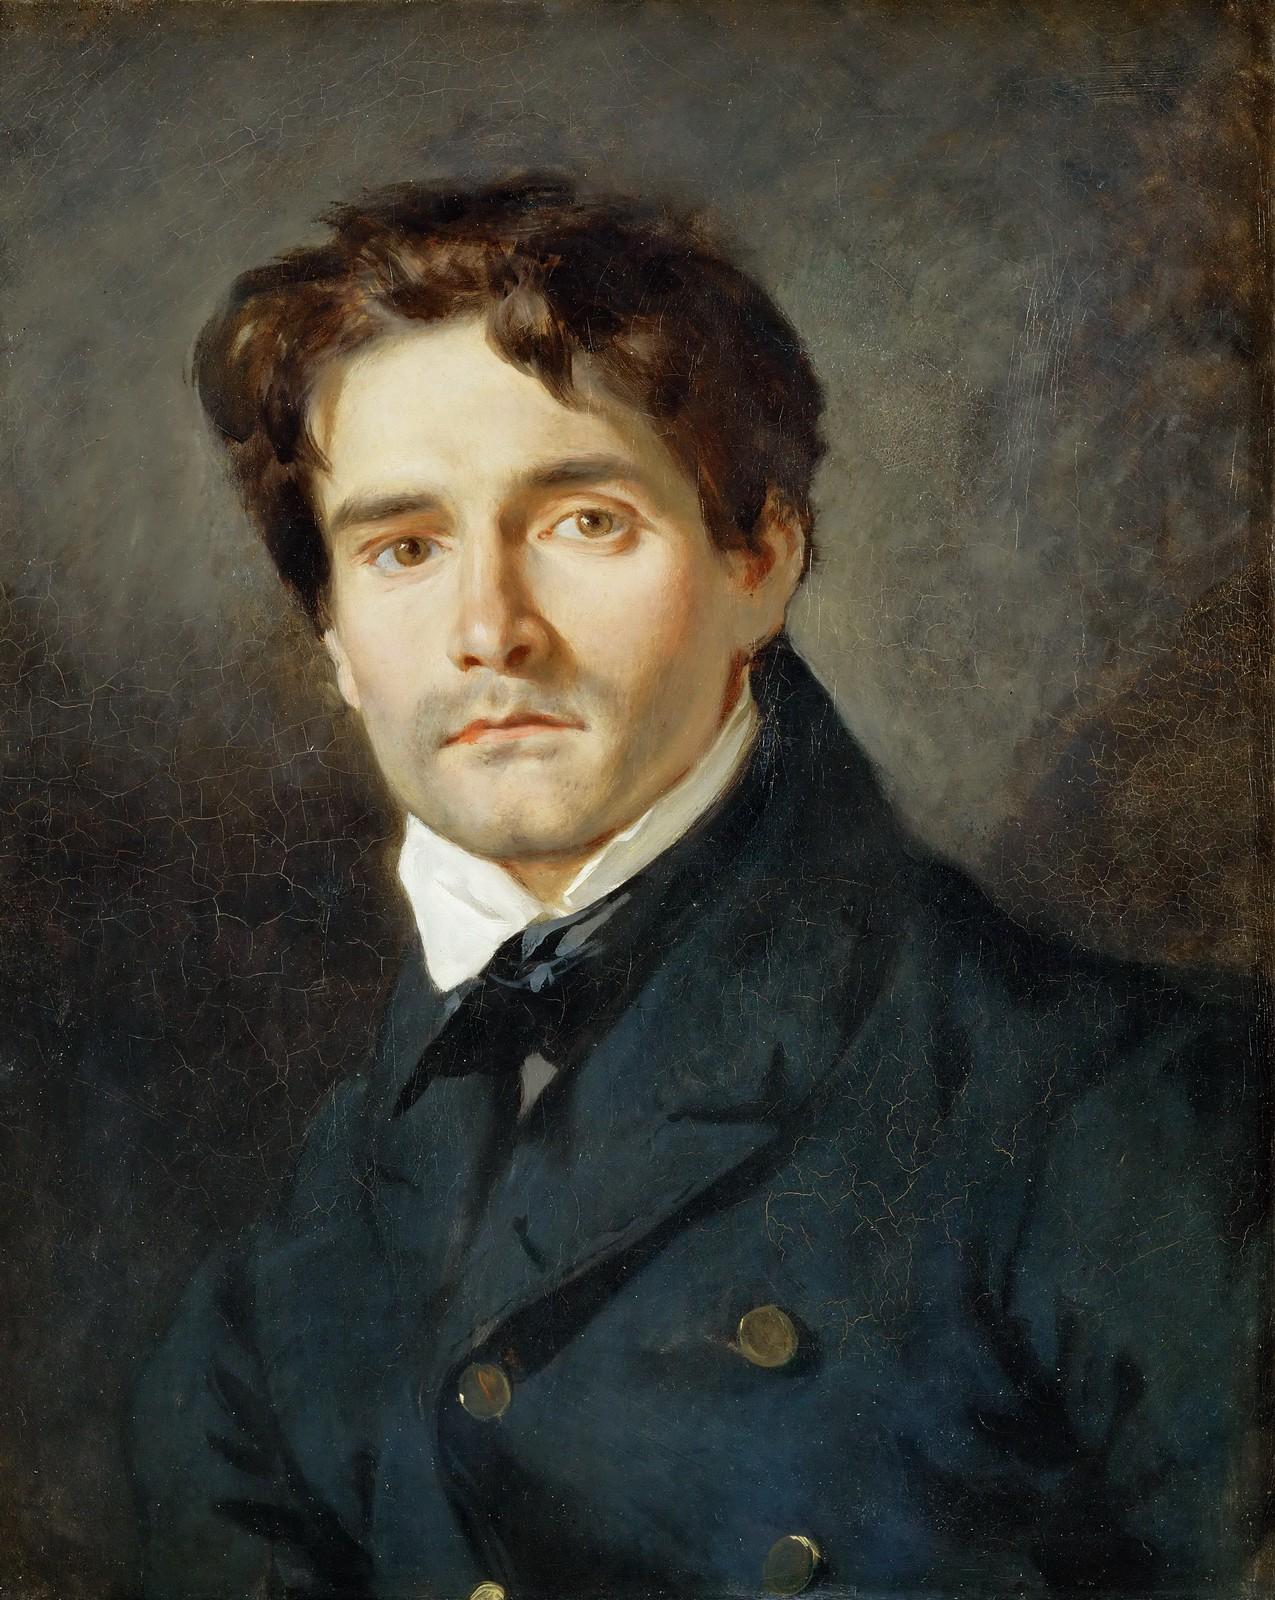 Léon Riesener by Eugène Delacroix, 1835